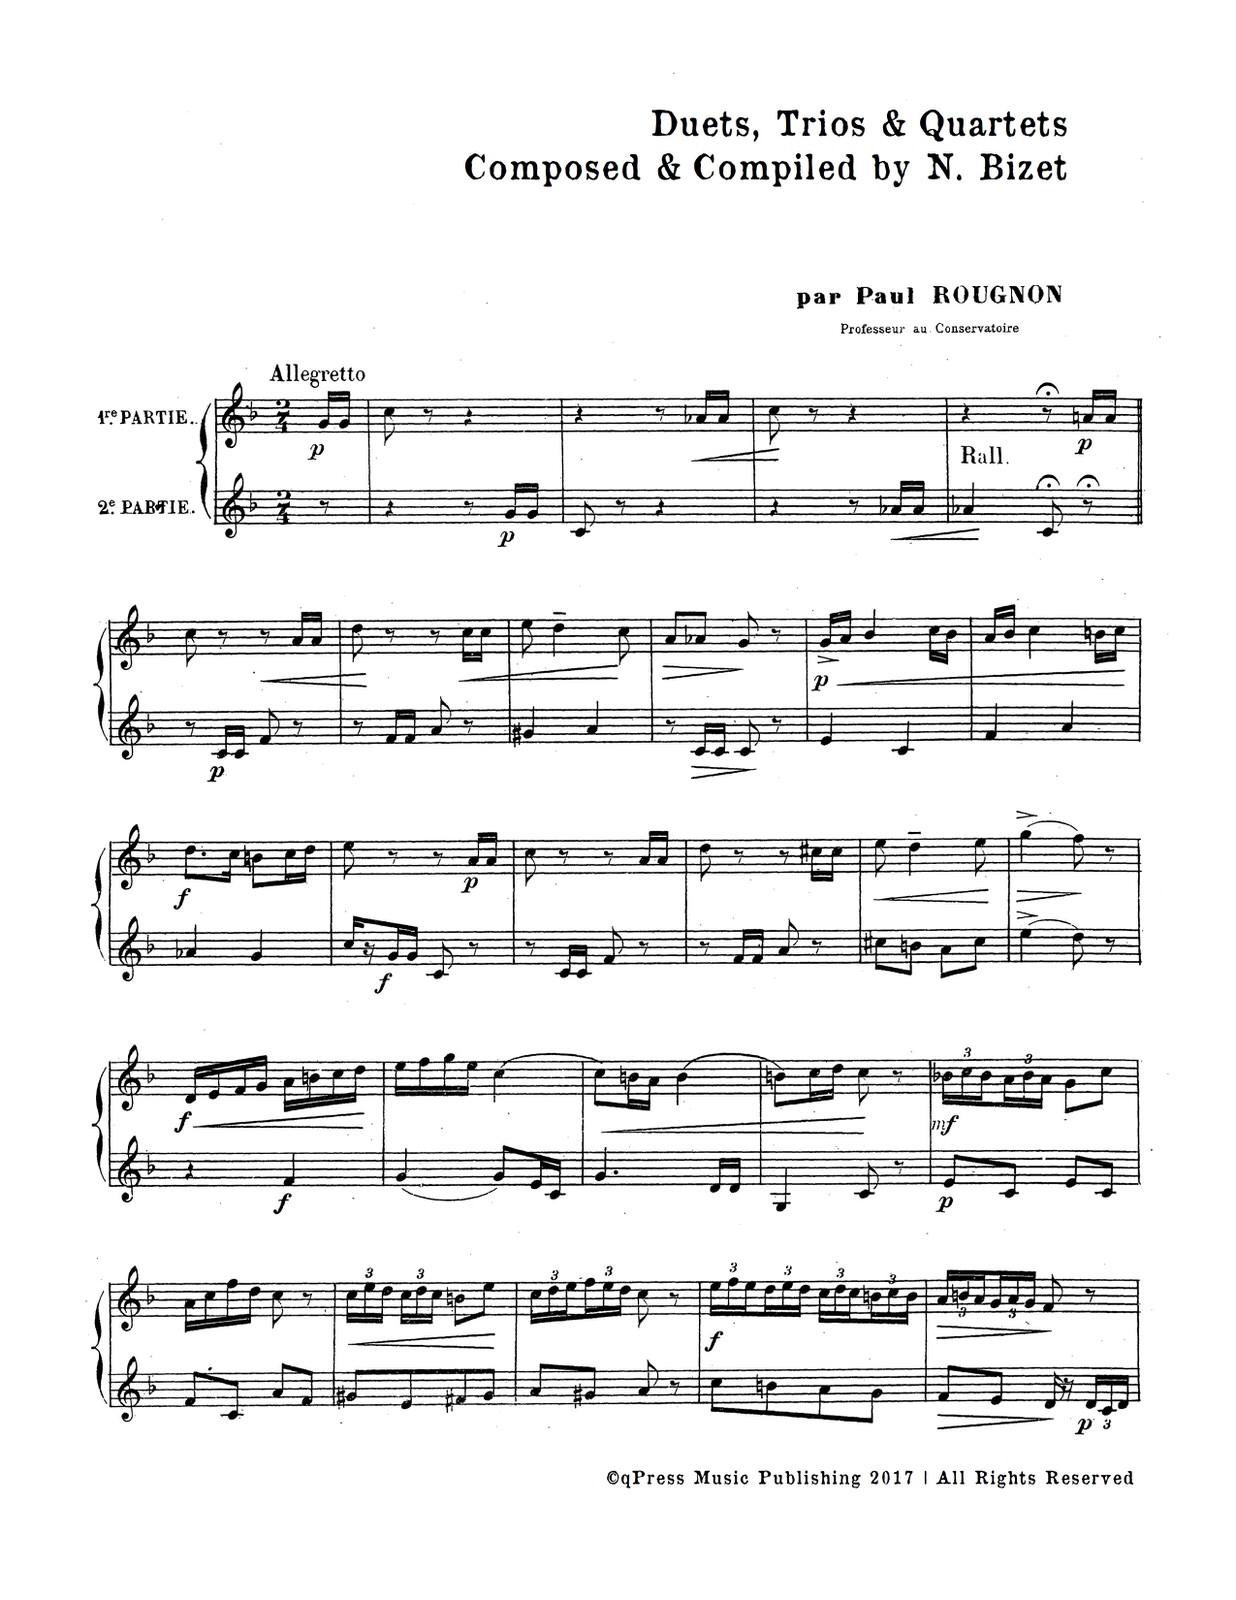 Bizet, Duets, Trios, and Quartets for Trumpet-p02